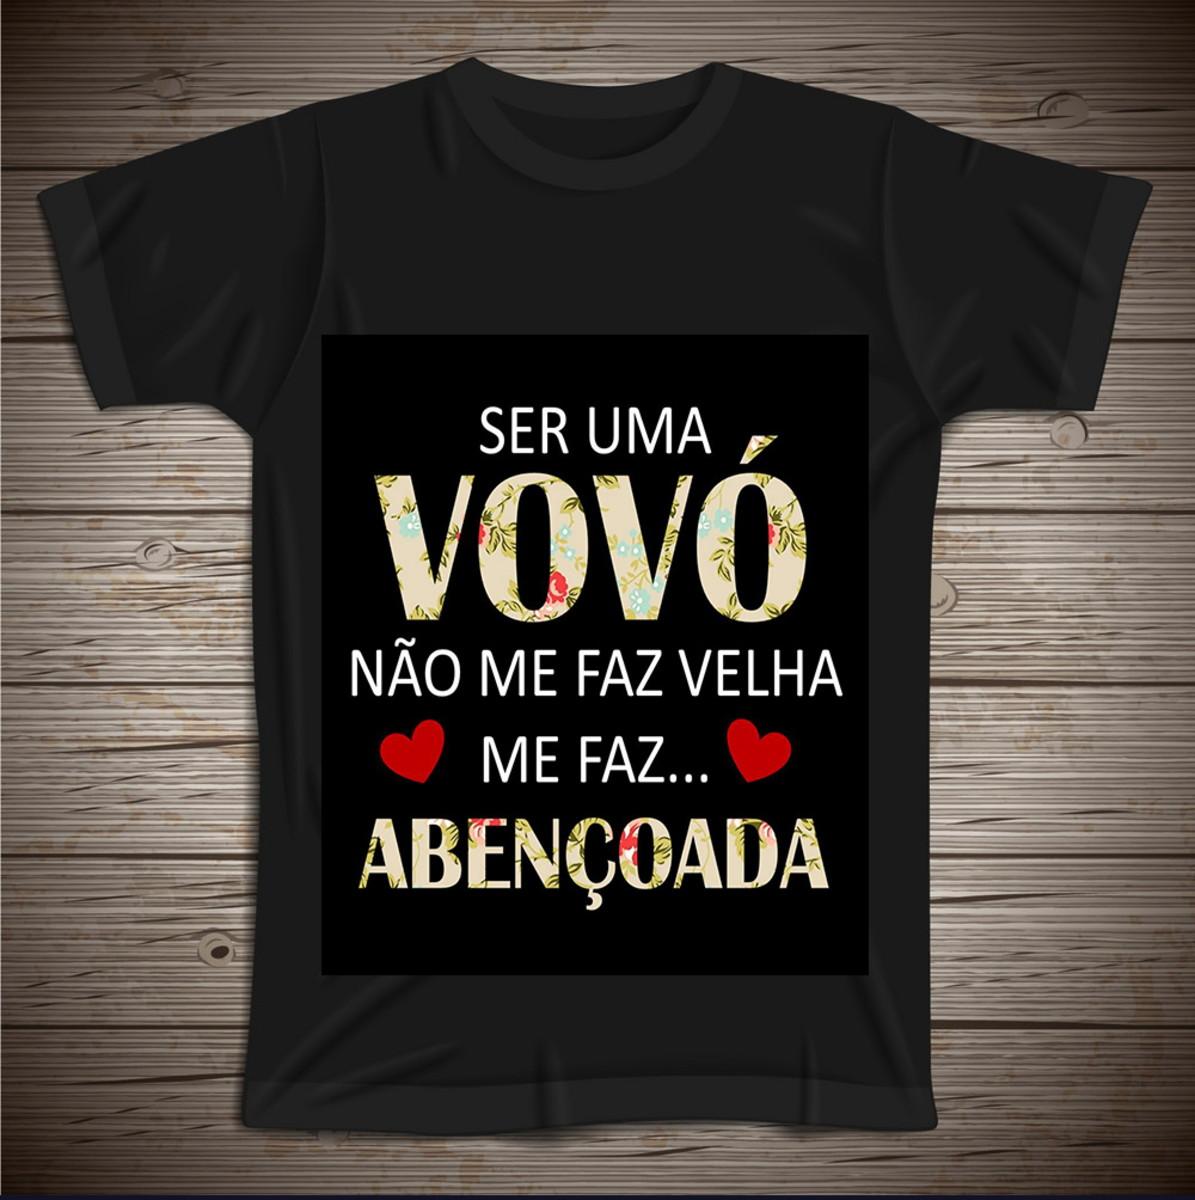 d039d7b5b Camiseta Ser Uma Vovó Não Me Faz Velha no Elo7 | Personalizados da ...